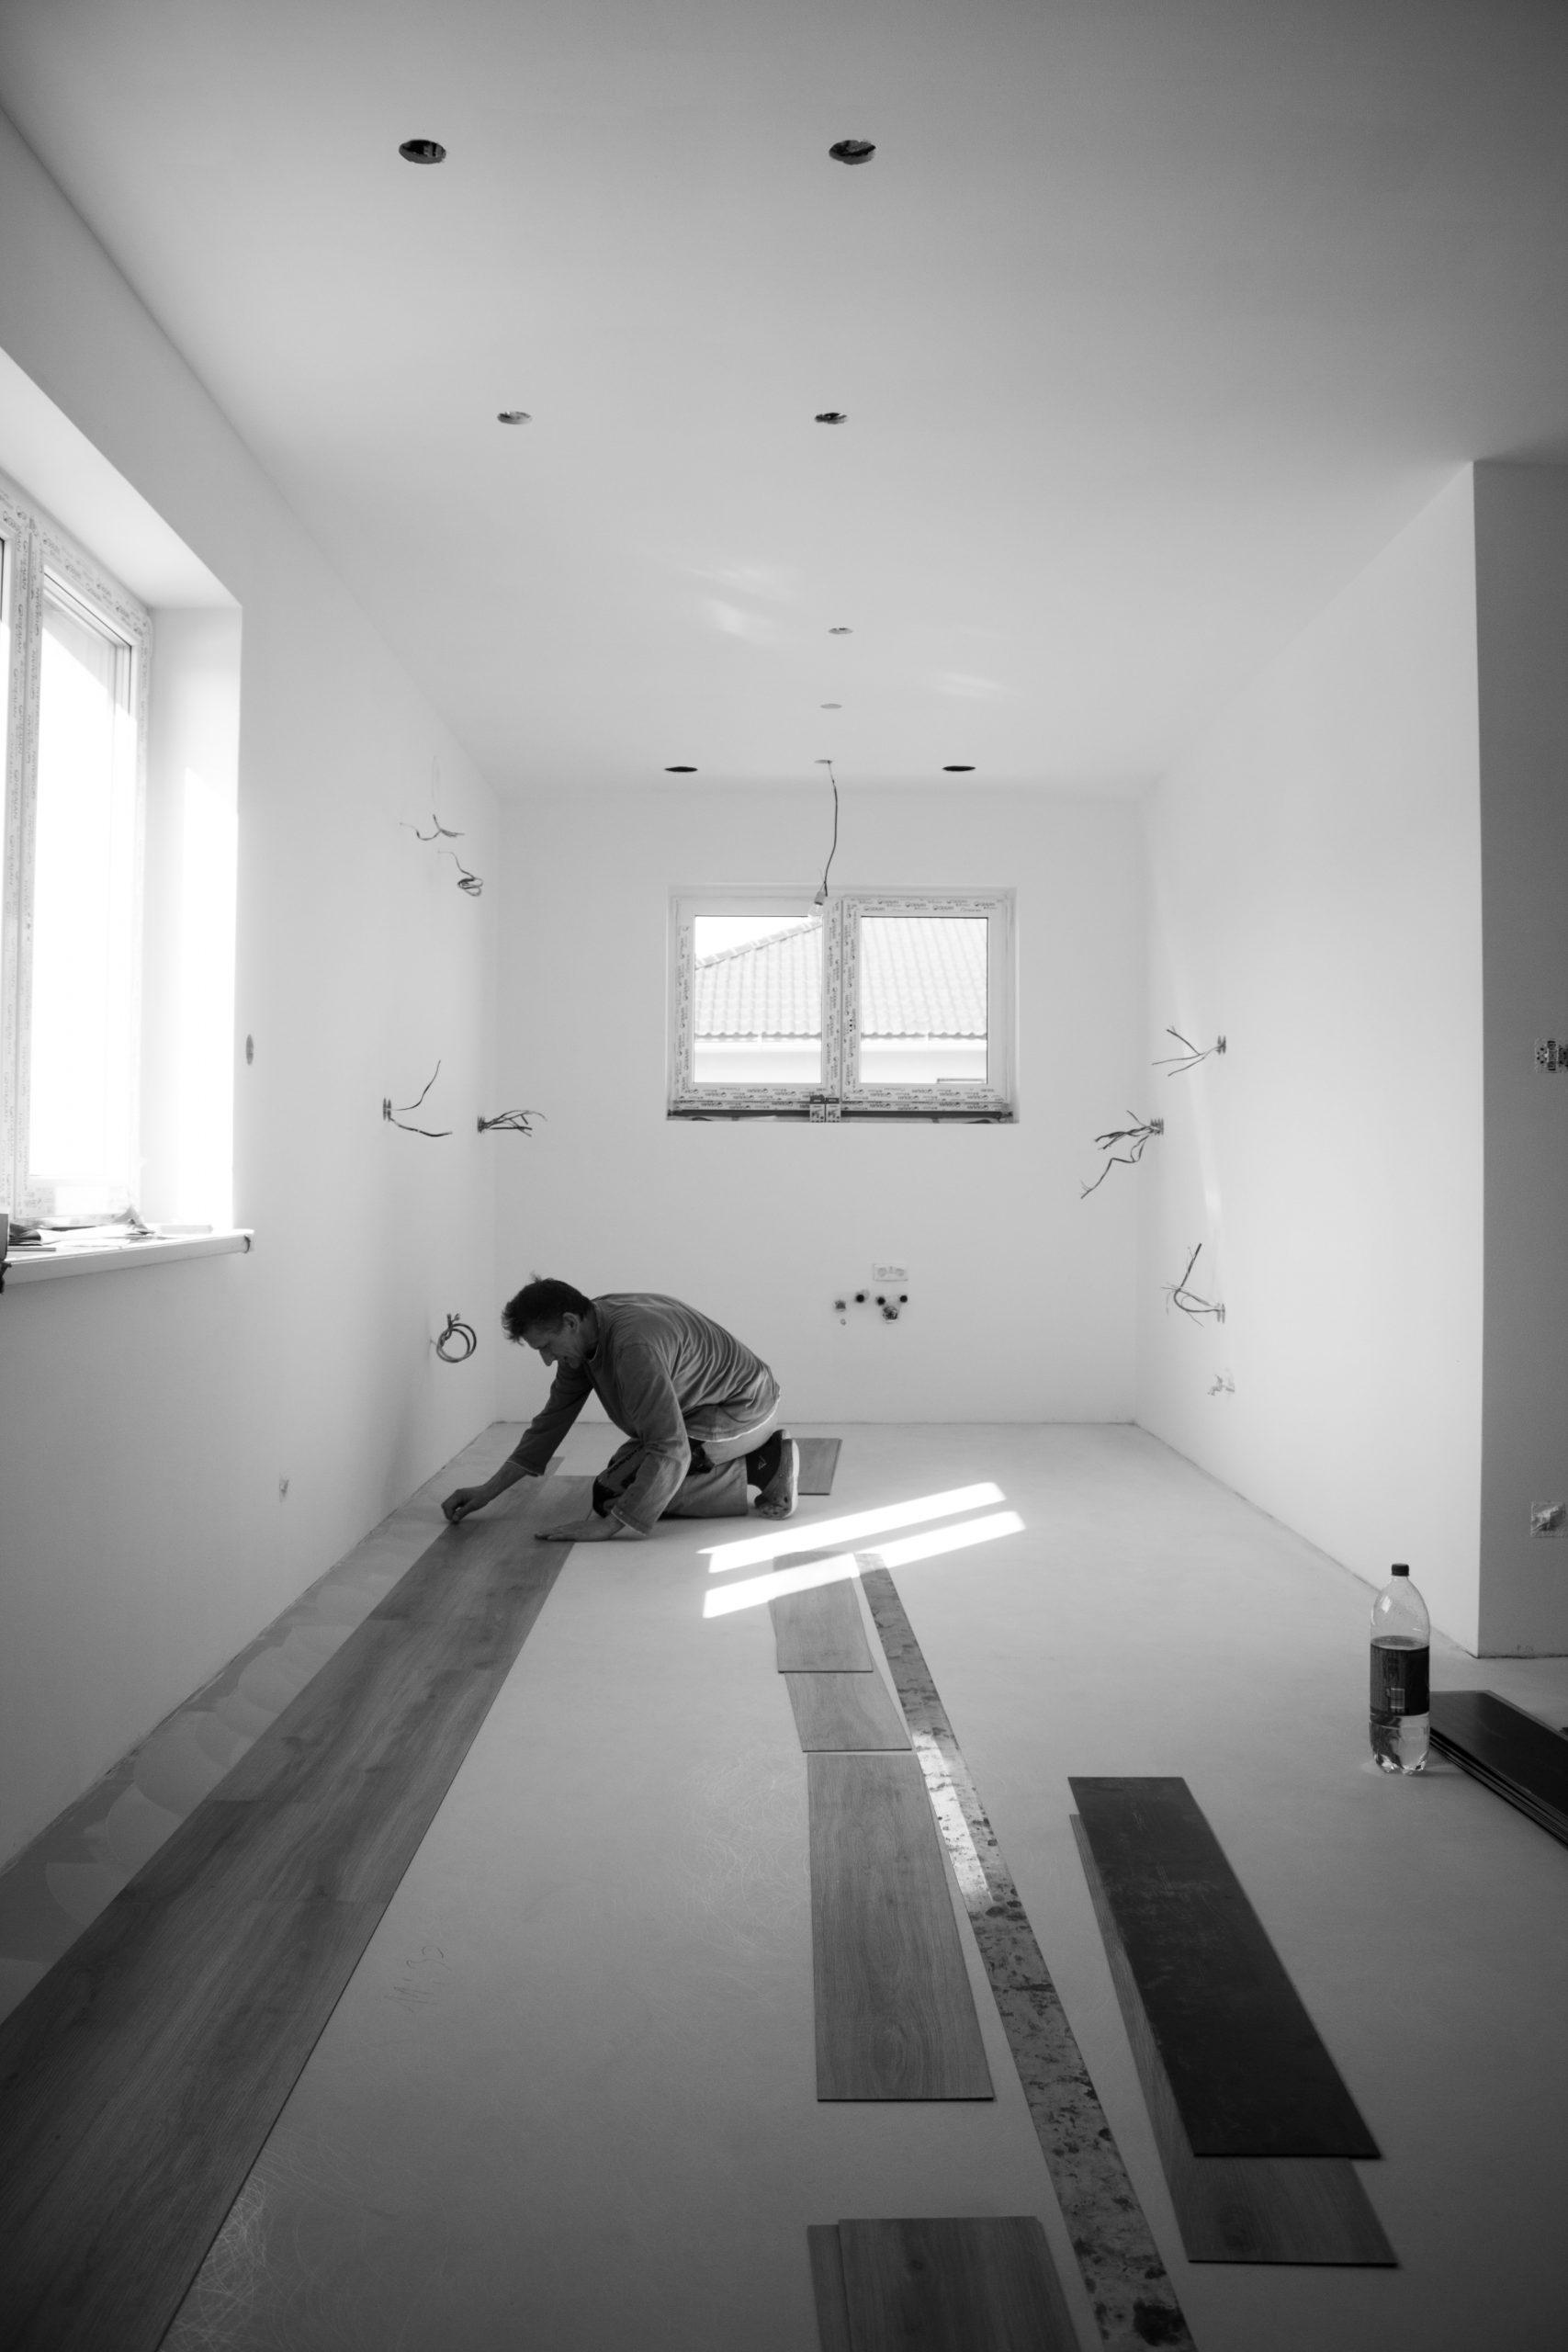 Mooie vloeren – Weg met ongelijke vloeren